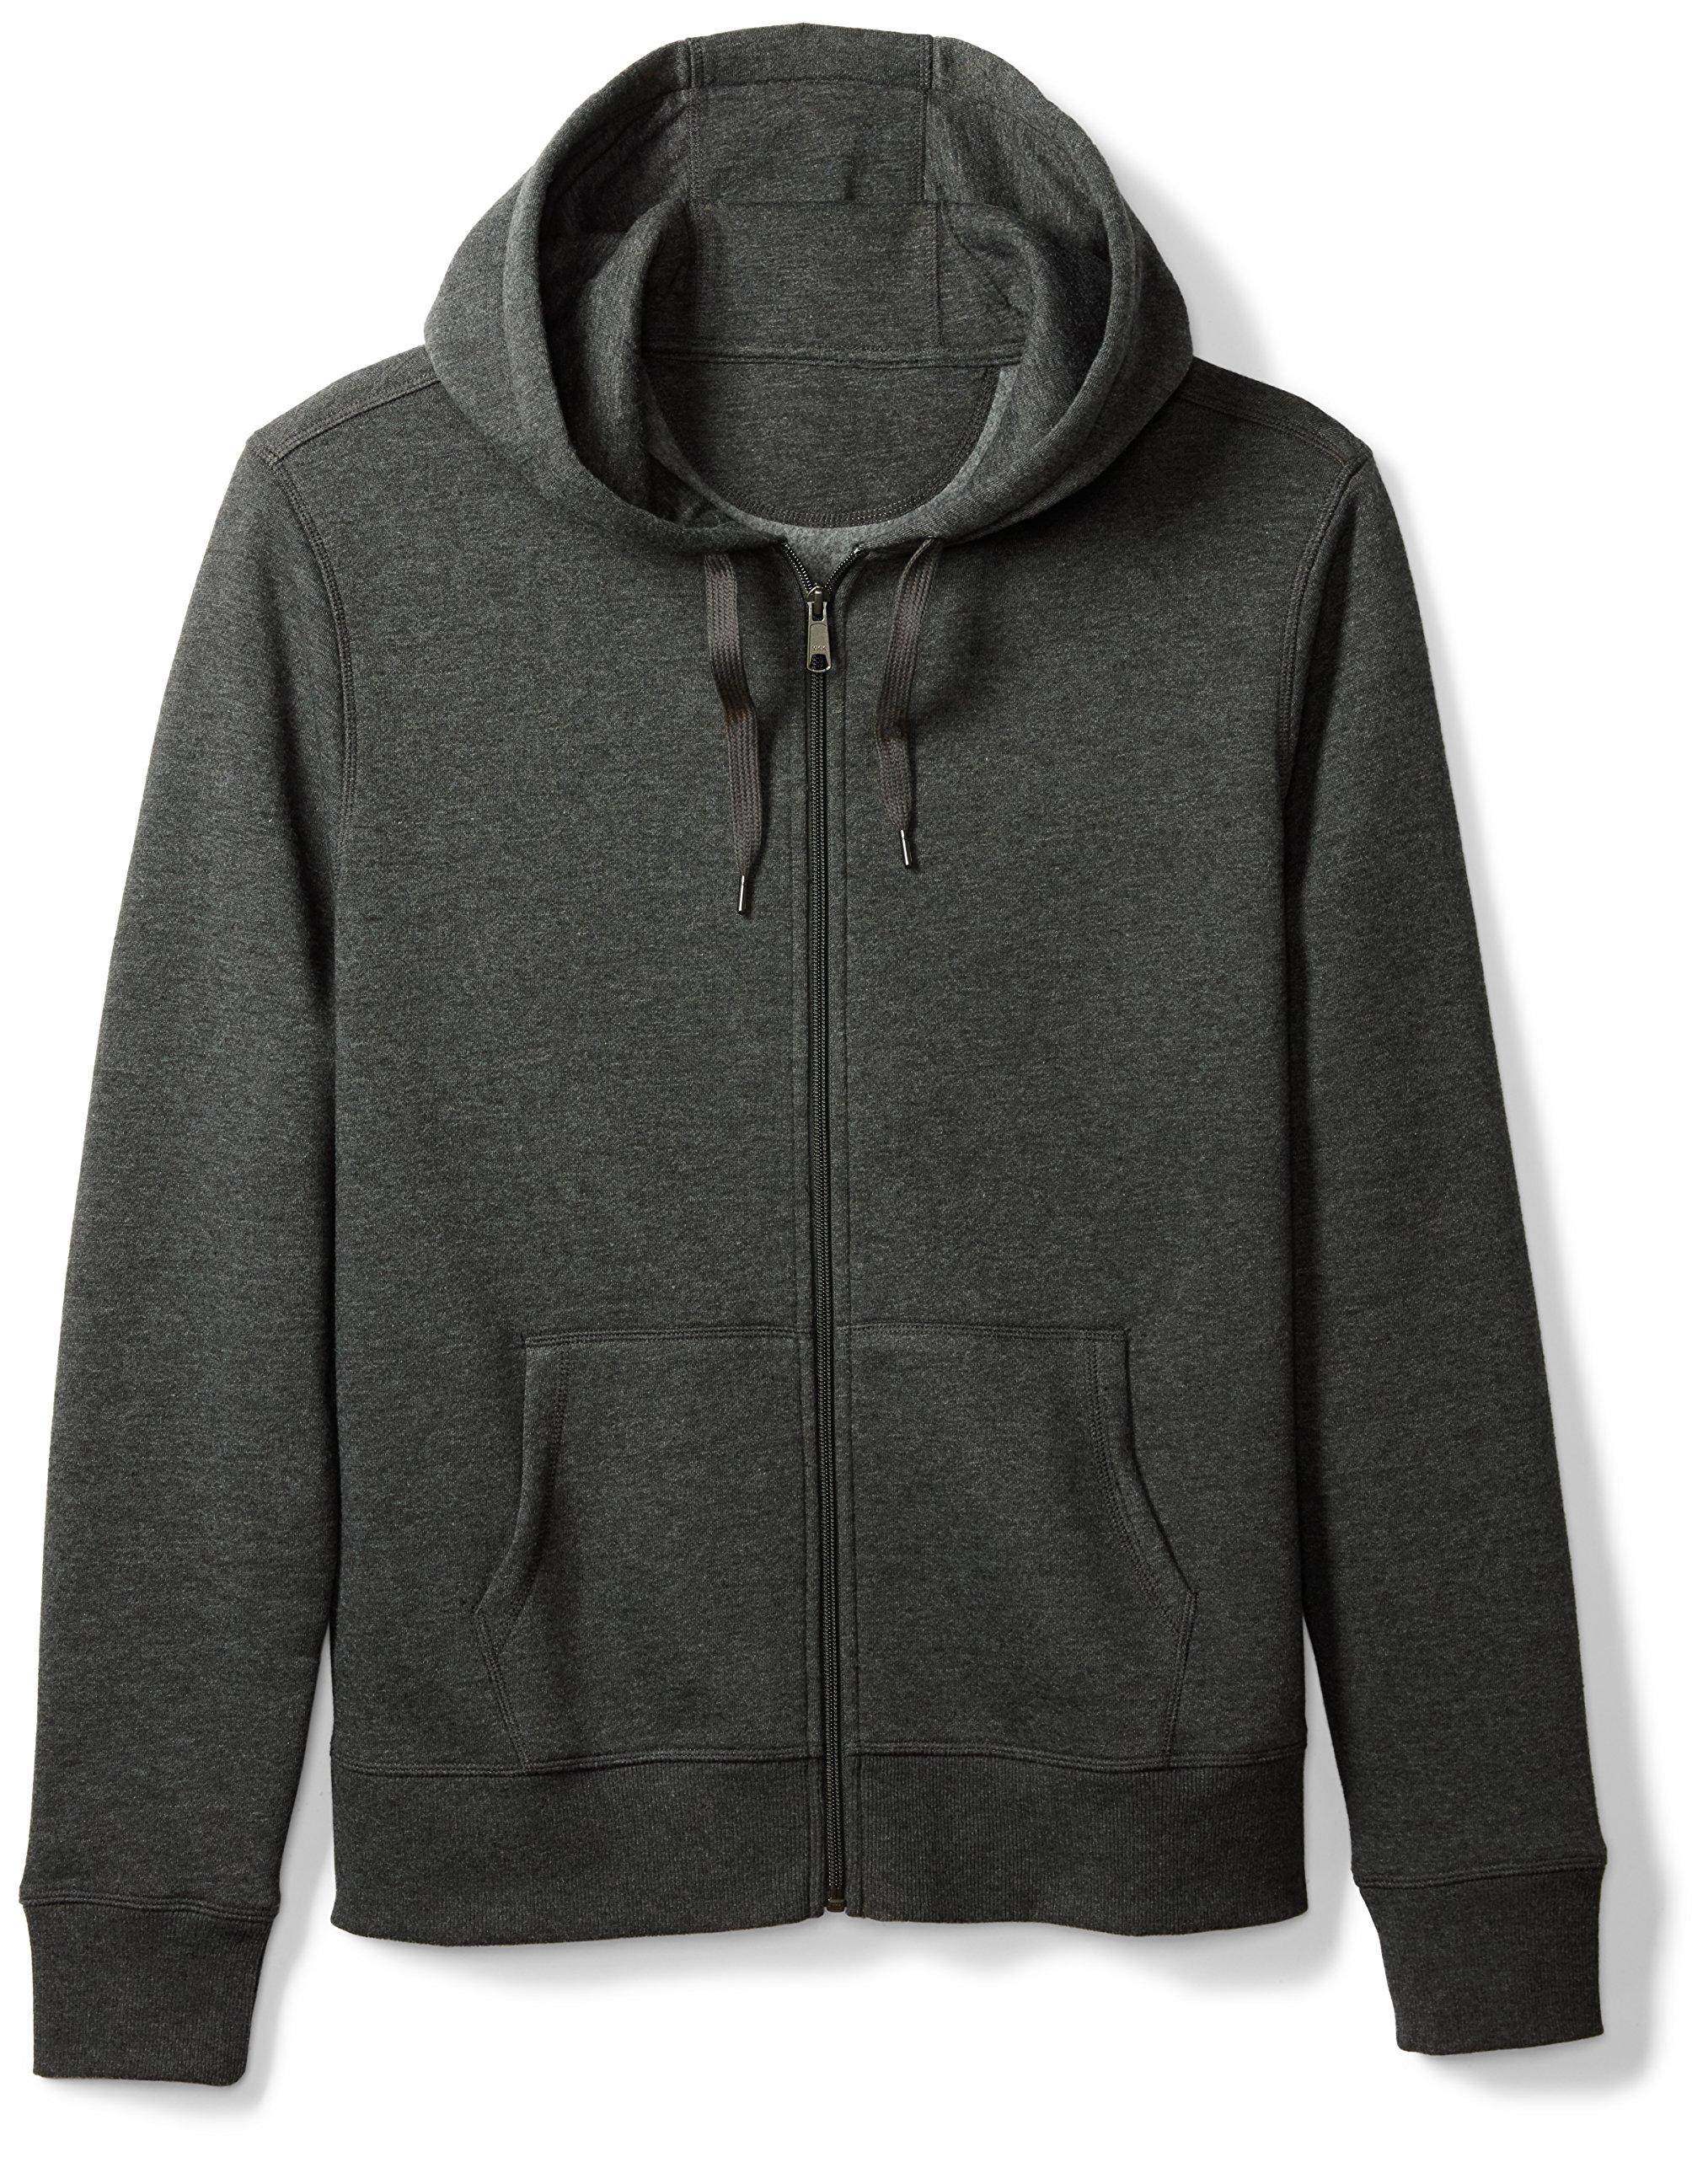 Amazon Essentials Men's Full-Zip Hooded Fleece Sweatshirt, Charcoal Heather, Medium